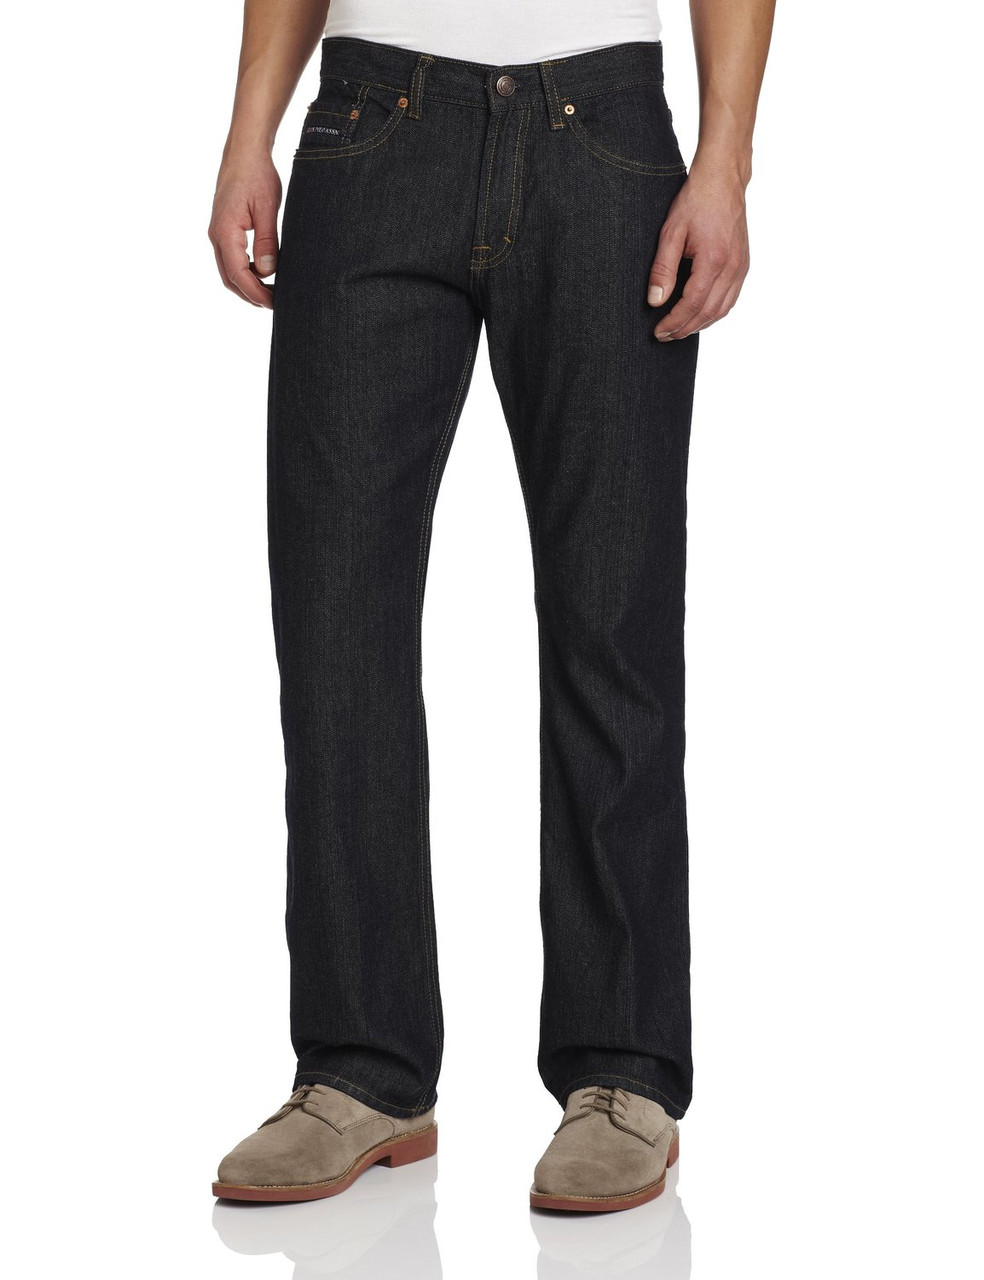 Джинсы U.S. Polo Assn. Slim Fit Bootcut Leg, Blue, 38W30L, 112898YX